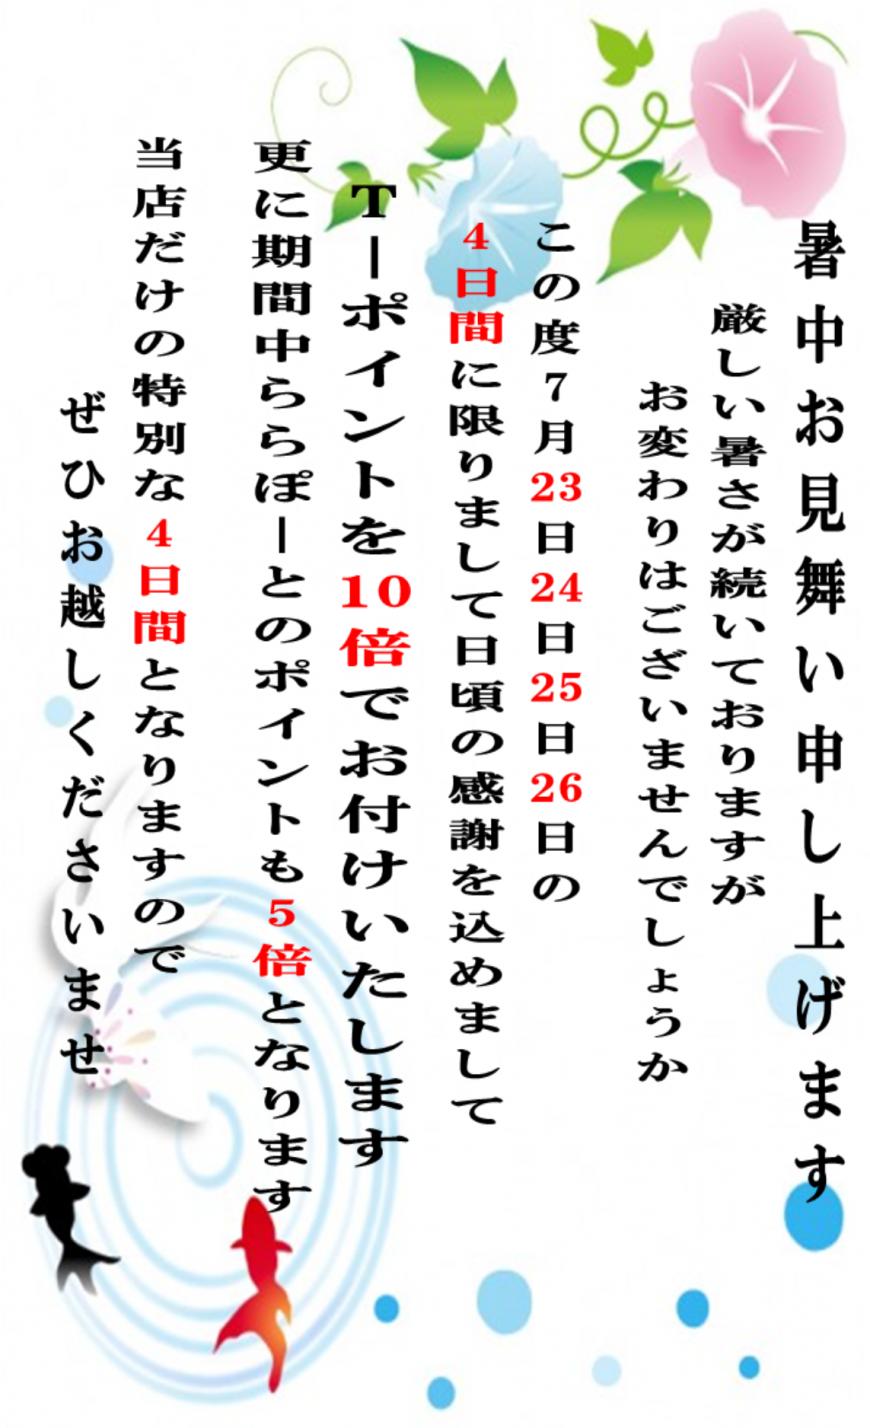 【予告】ウオッチタウンららぽーと新三郷店限定!!ウオッチタウン×ららぽーと Wポイント!!